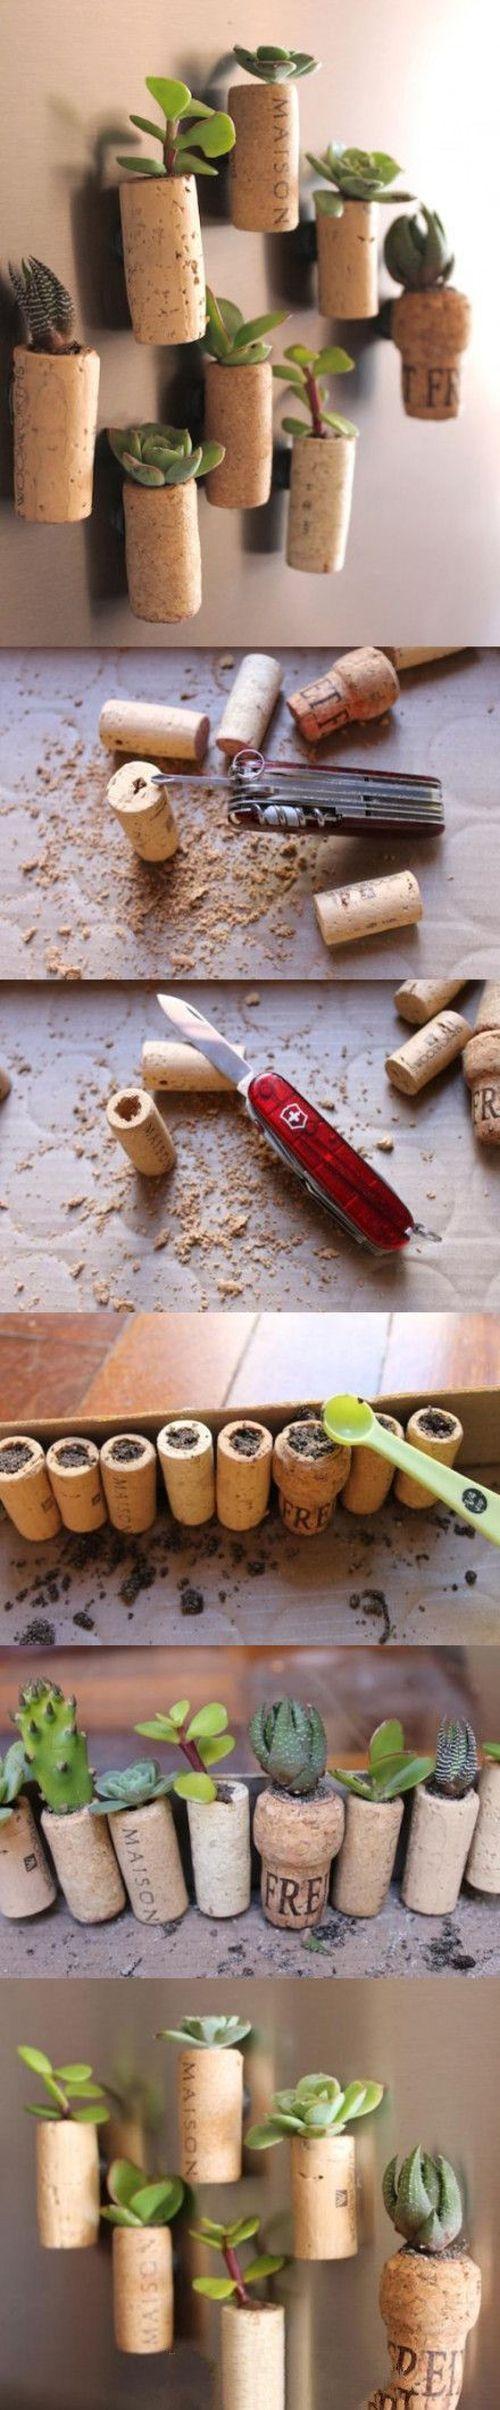 J'adore faire des petits bricolages avec les enfants. Du coup j'ai ajouté une nouvelle catégorie «Activités manuelles» pour vous présenter mes trouvailles et par…